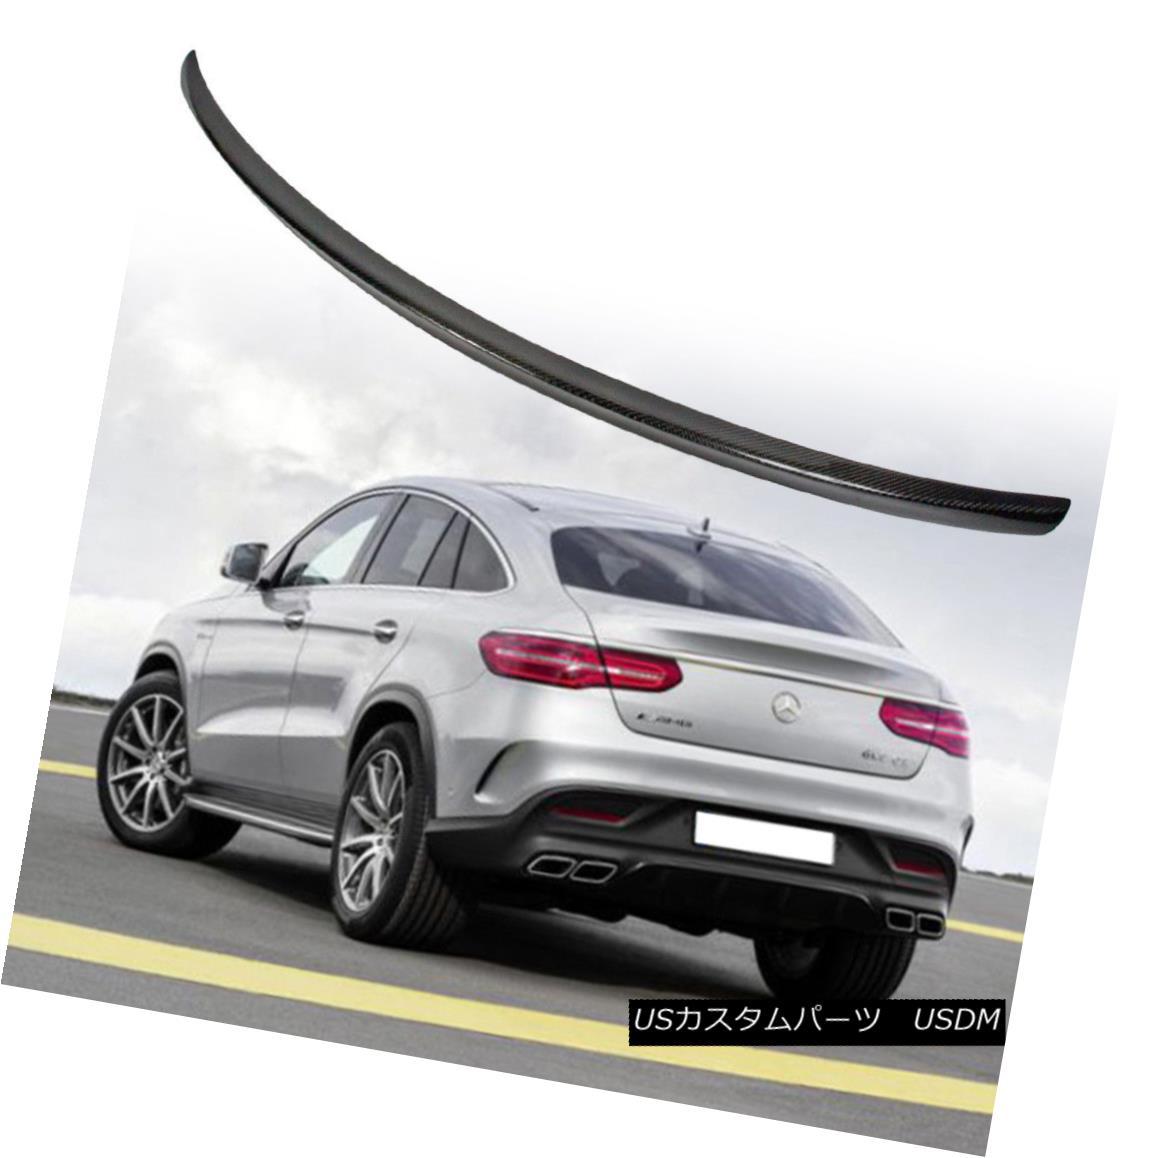 エアロパーツ Mercedes-Benz GLE Class C292 Coupe A Style Rear Trunk Spoiler Carbon Fiber メルセデス・ベンツGLEクラスC292クーペAスタイル後部トランク・スポイラー炭素繊維